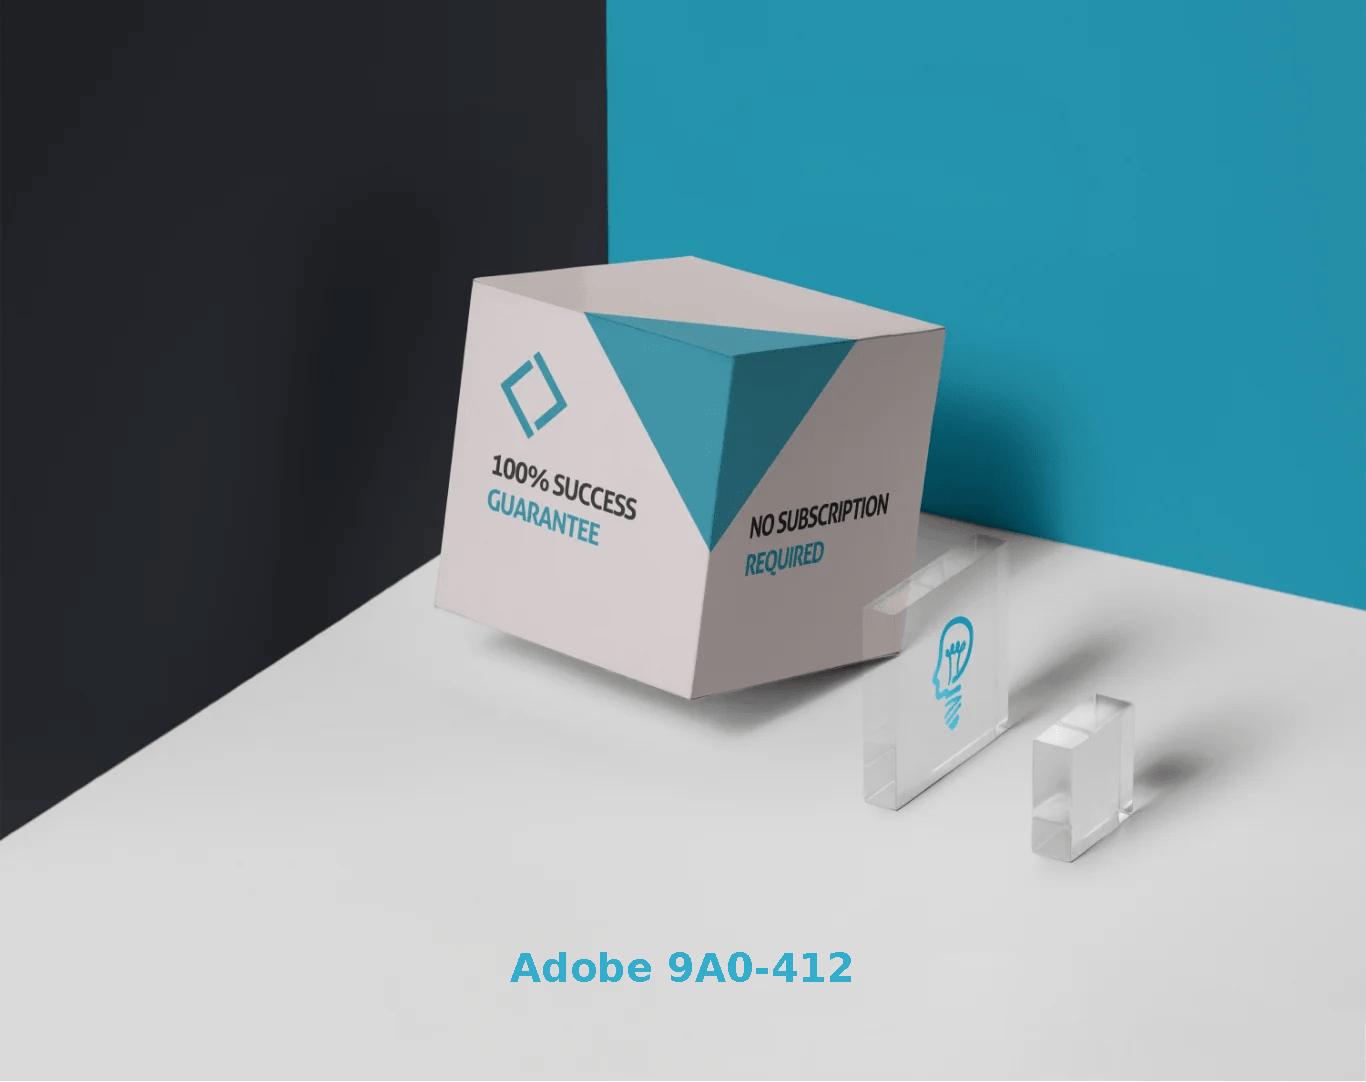 Adobe 9A0-412 Exams